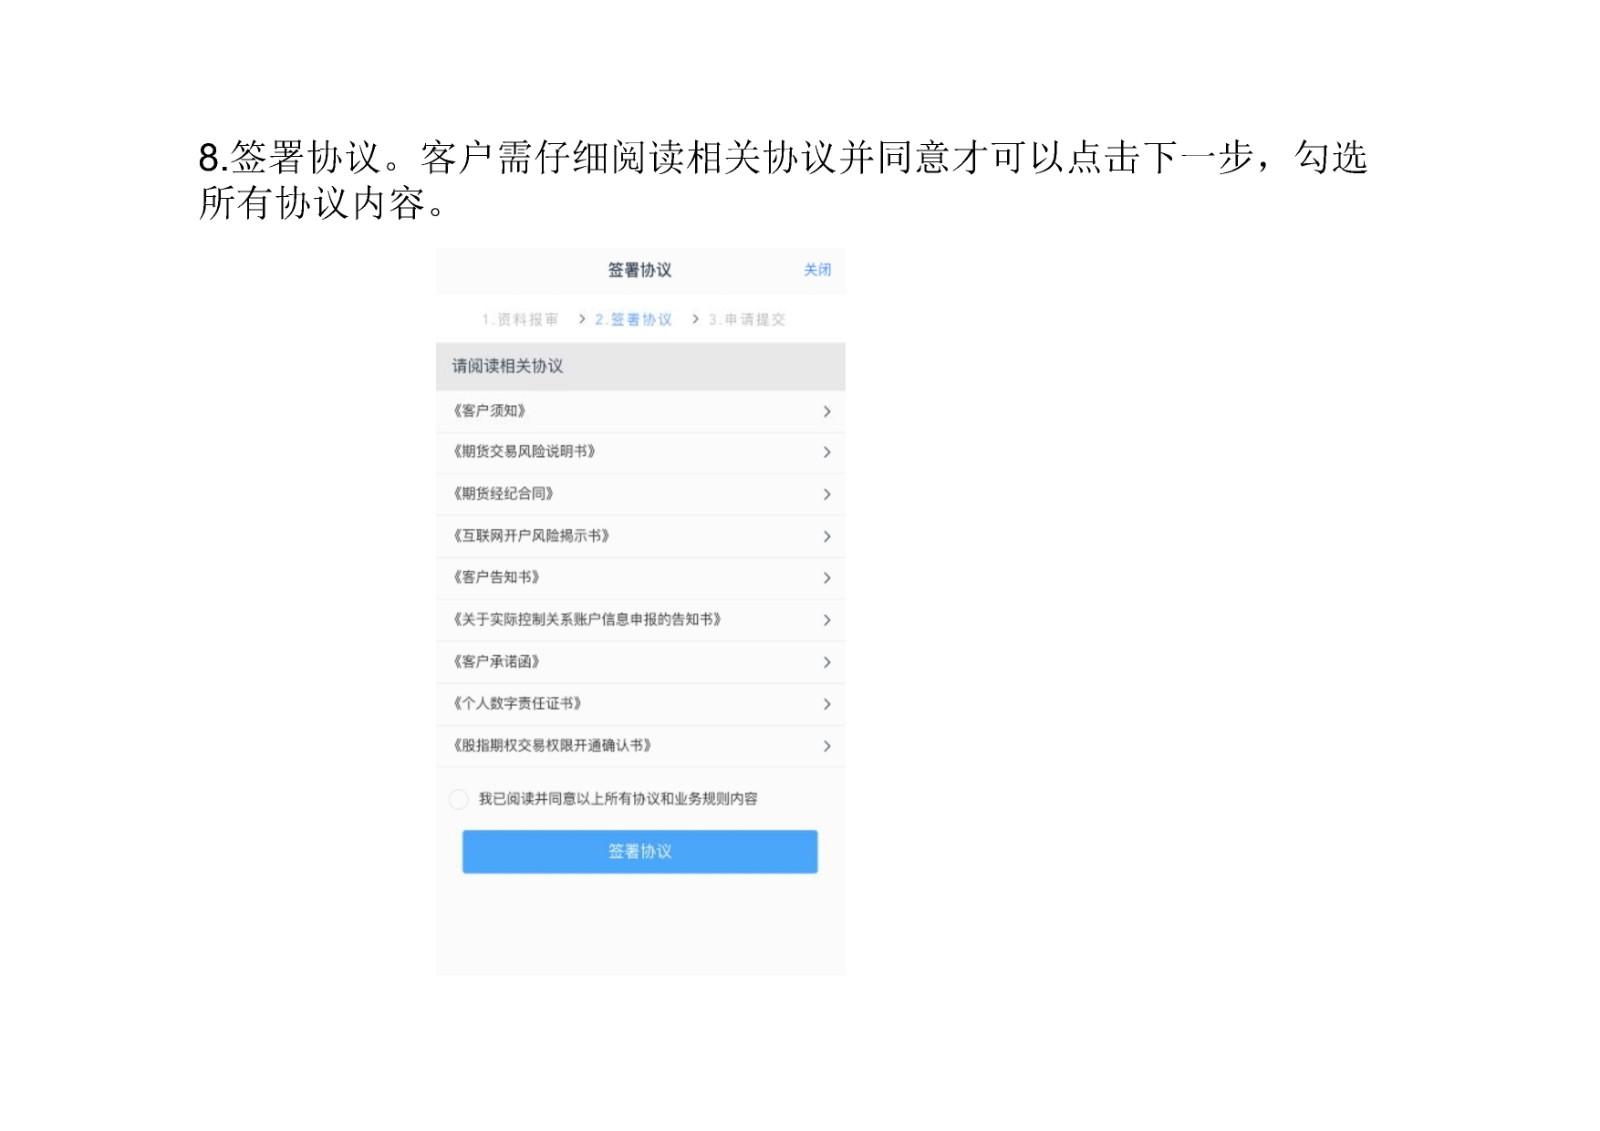 增开交易编码流程_Page10.jpg